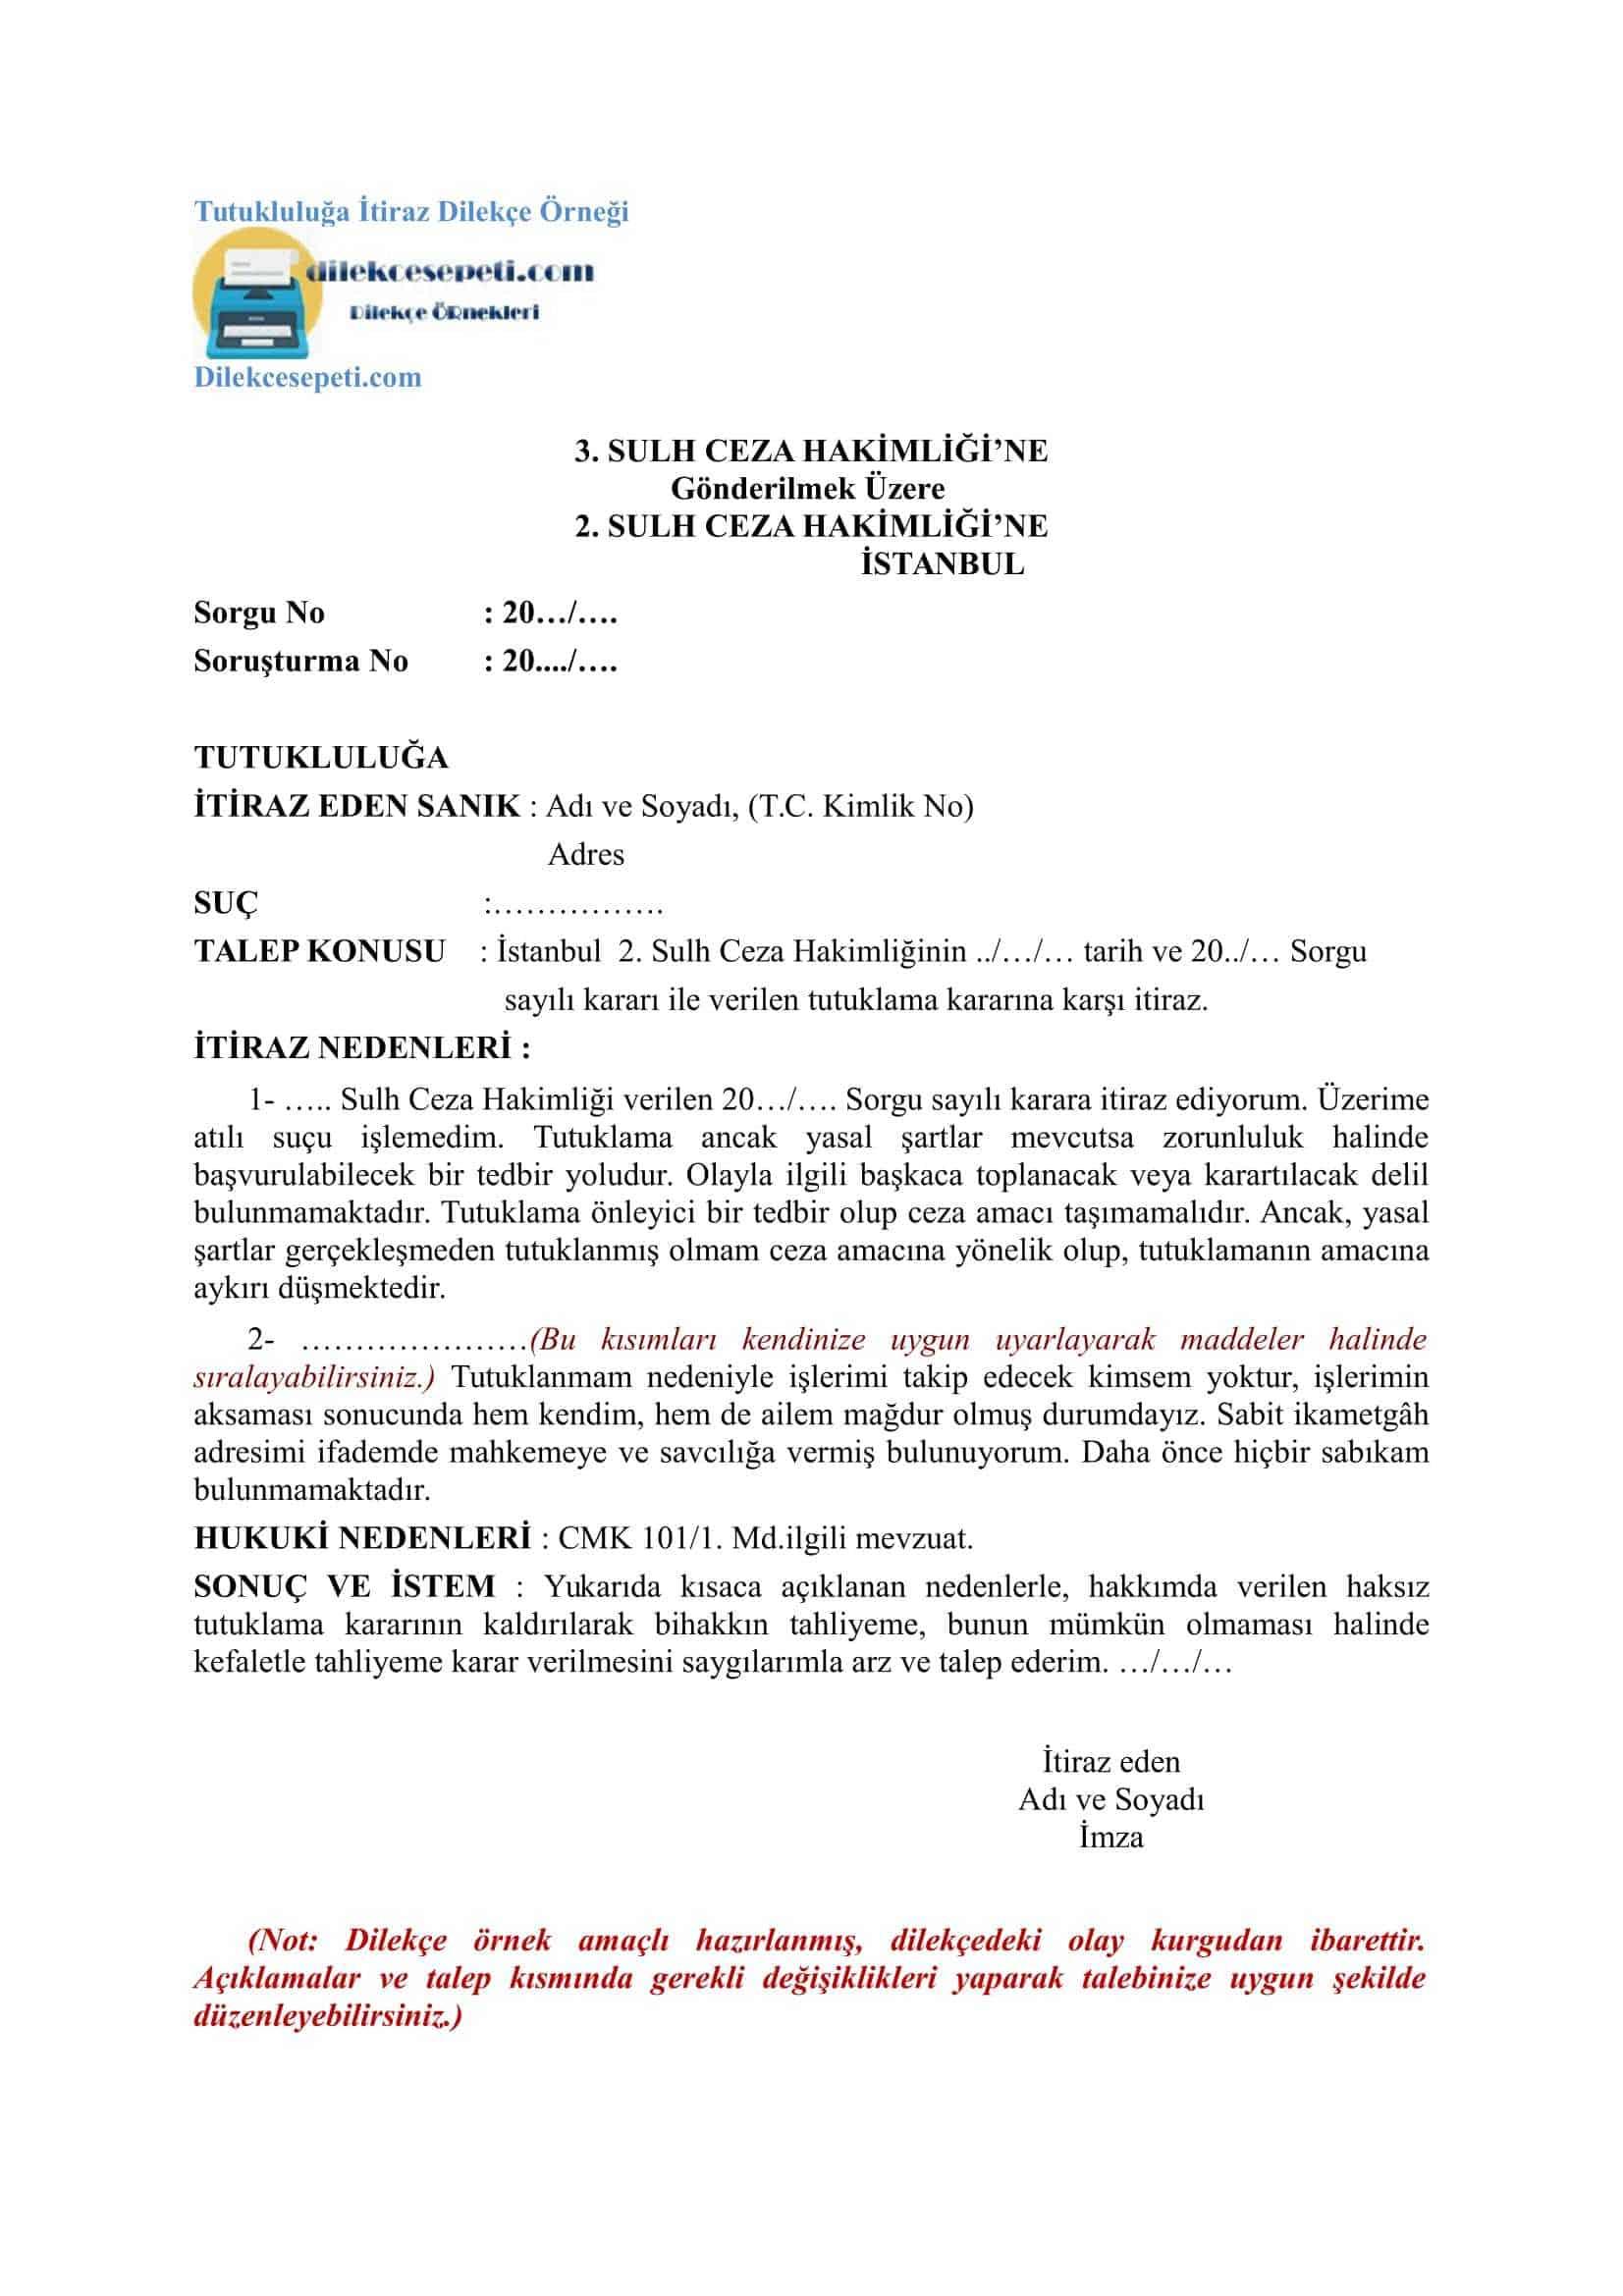 Sulh Ceza hakimliği Tutukluluğa İtiraz Dilekçe Örneği